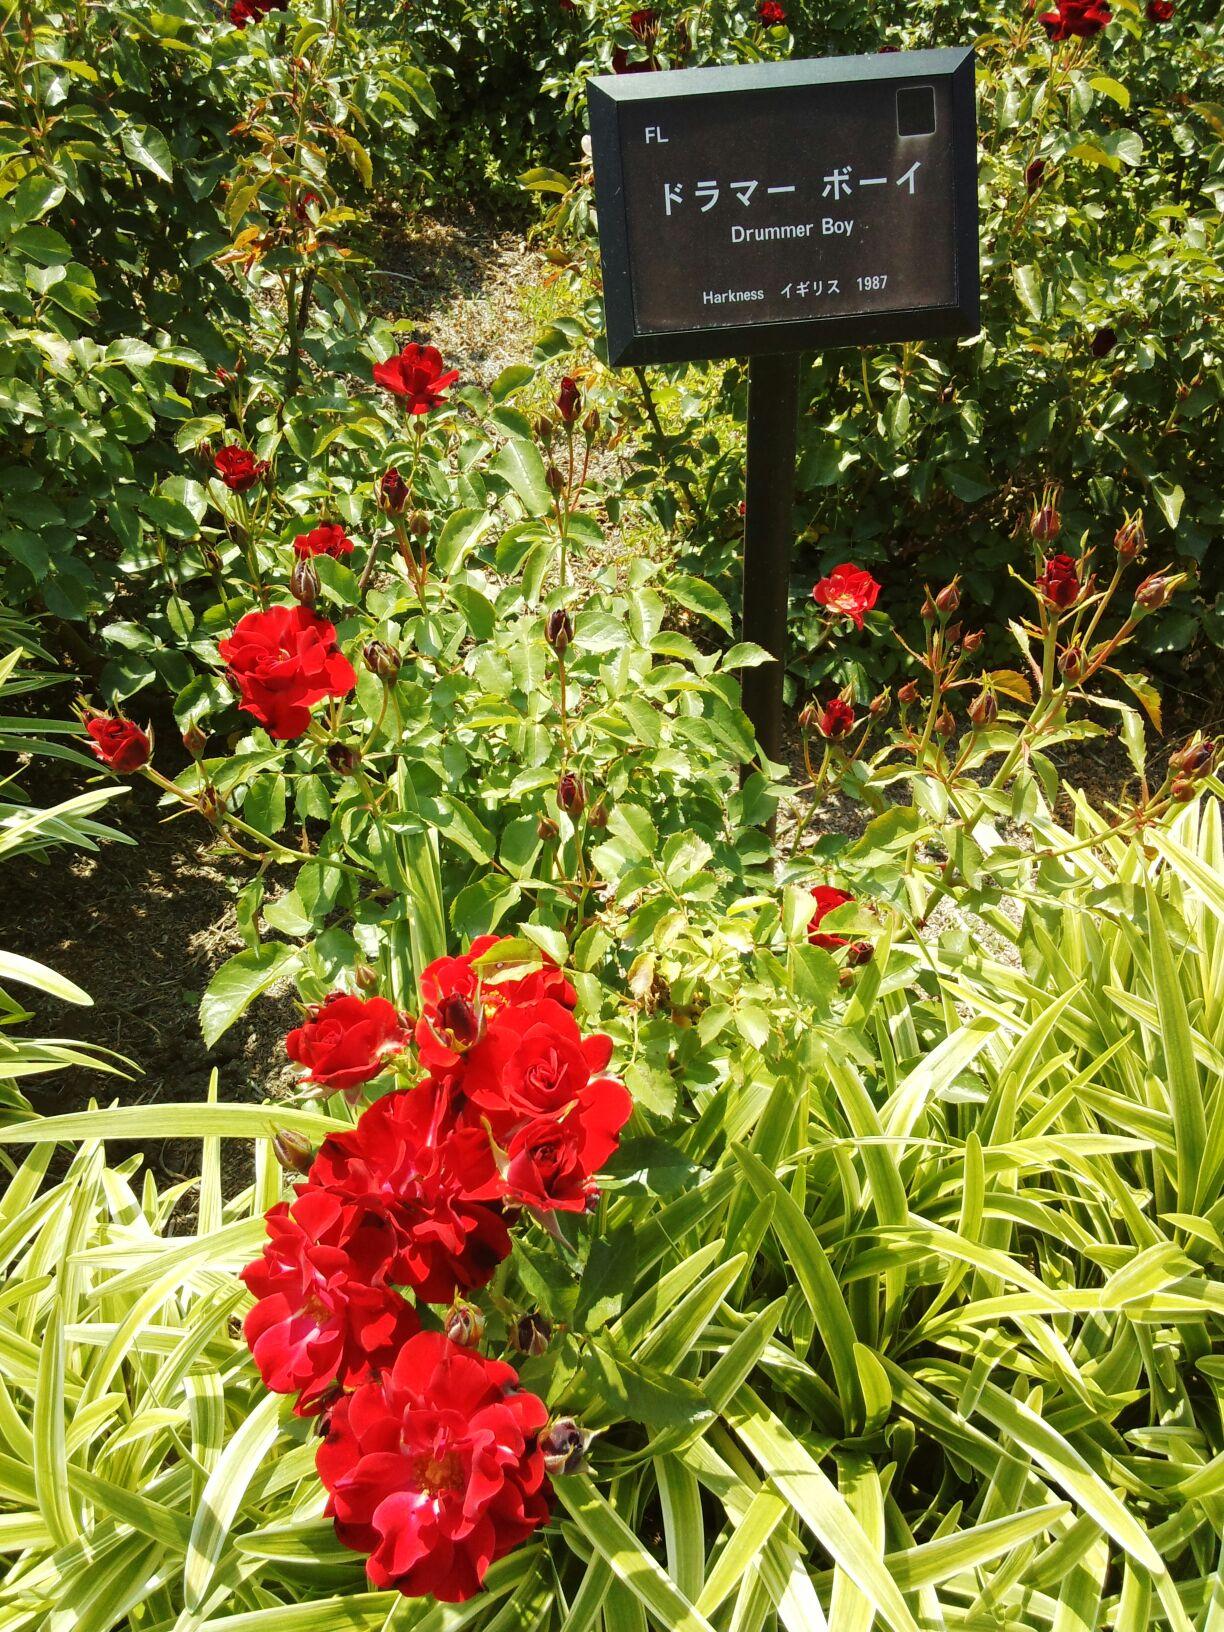 紅子と骨子のハンギング・ガーデン